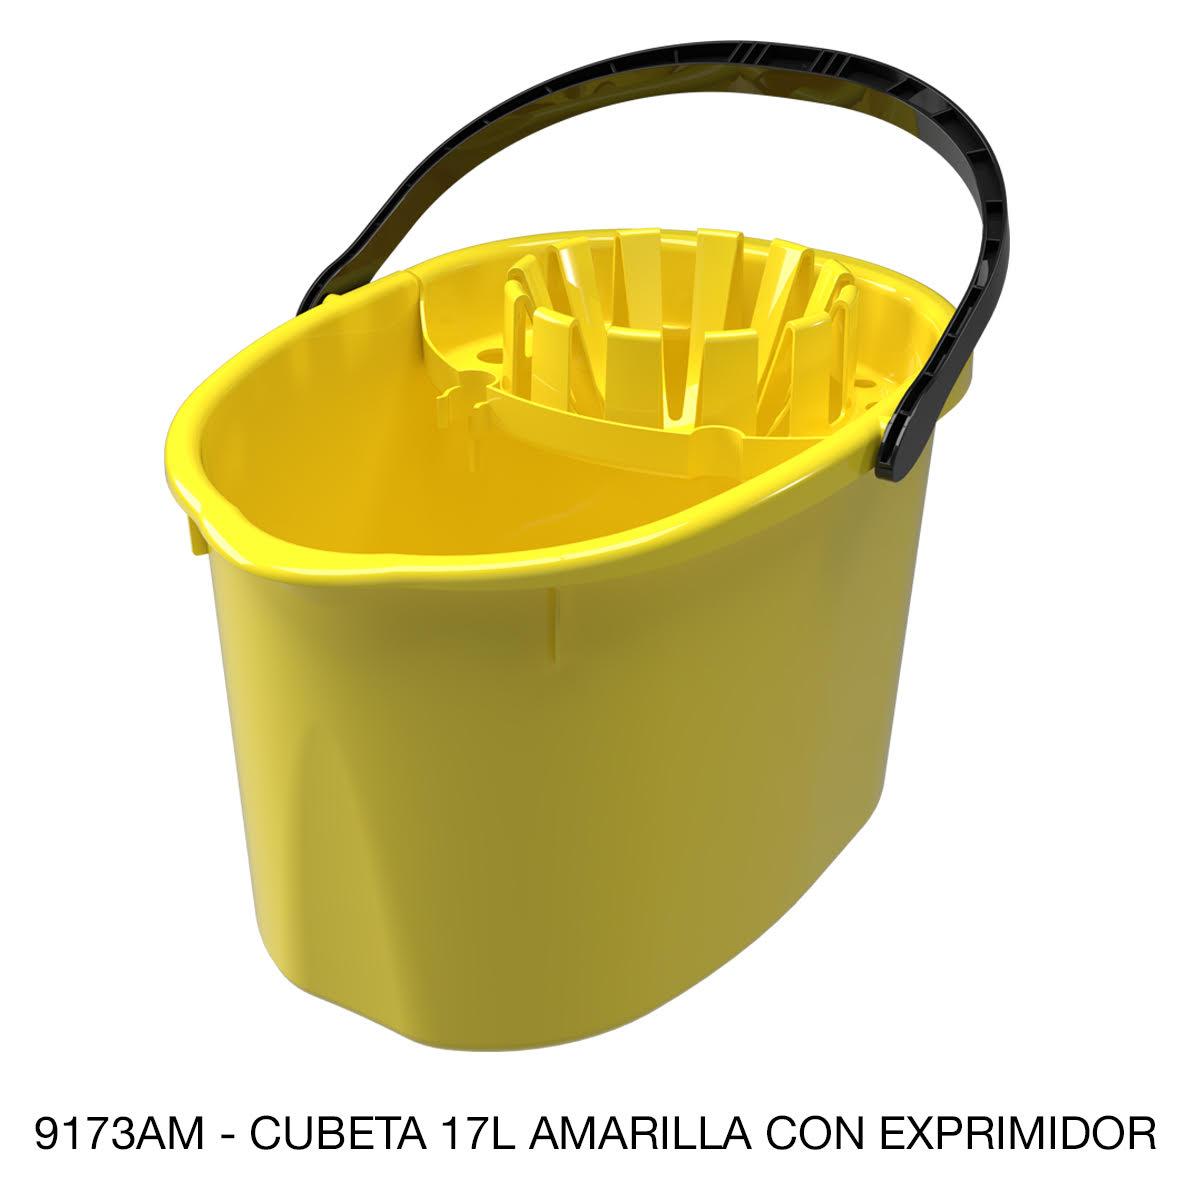 Cubeta de 17 litros con exprimidor color amarillo modelo 9173AM de Sablón